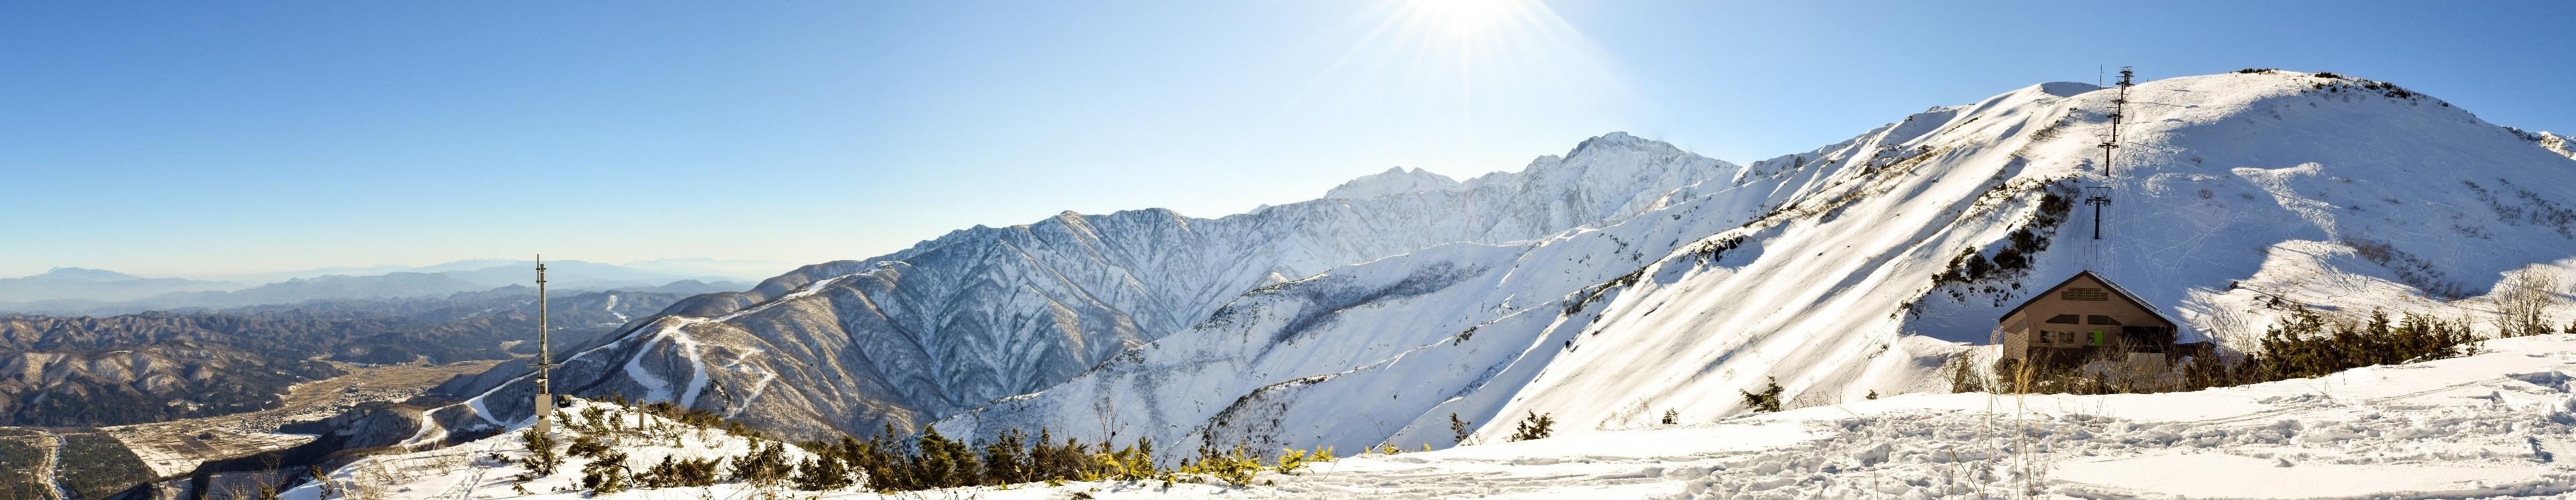 Hakuba Goryu Ski Resort, Hakuba, Nagano (prefecture), Japan